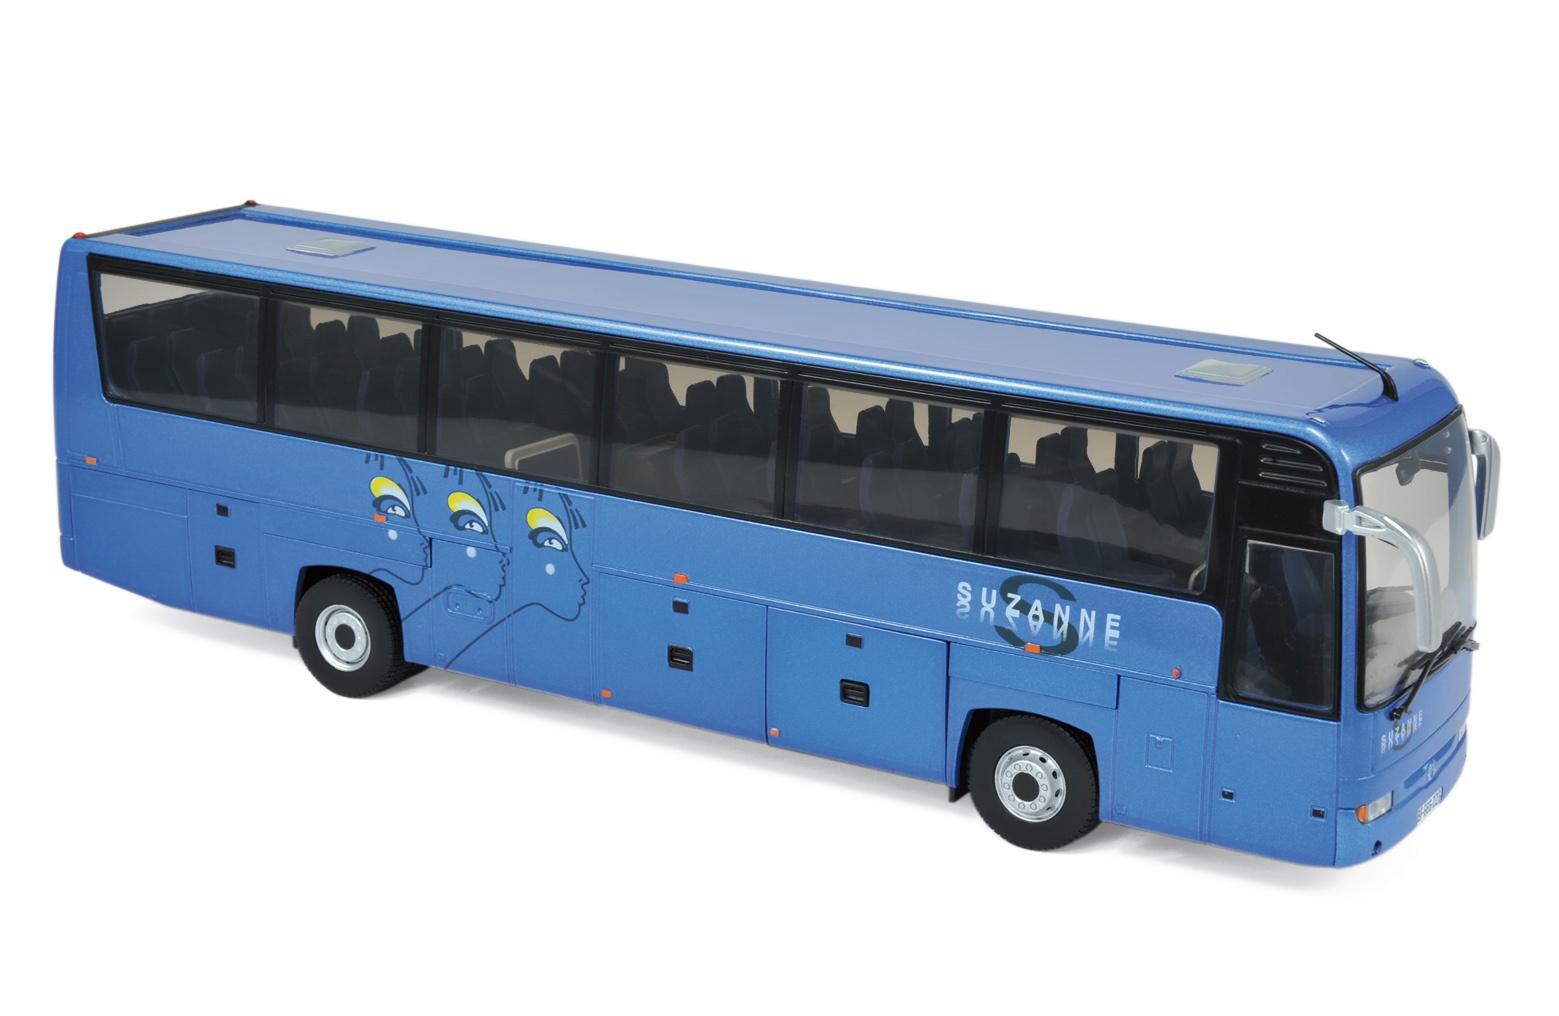 Irisbus Iliade RTX Suzanne